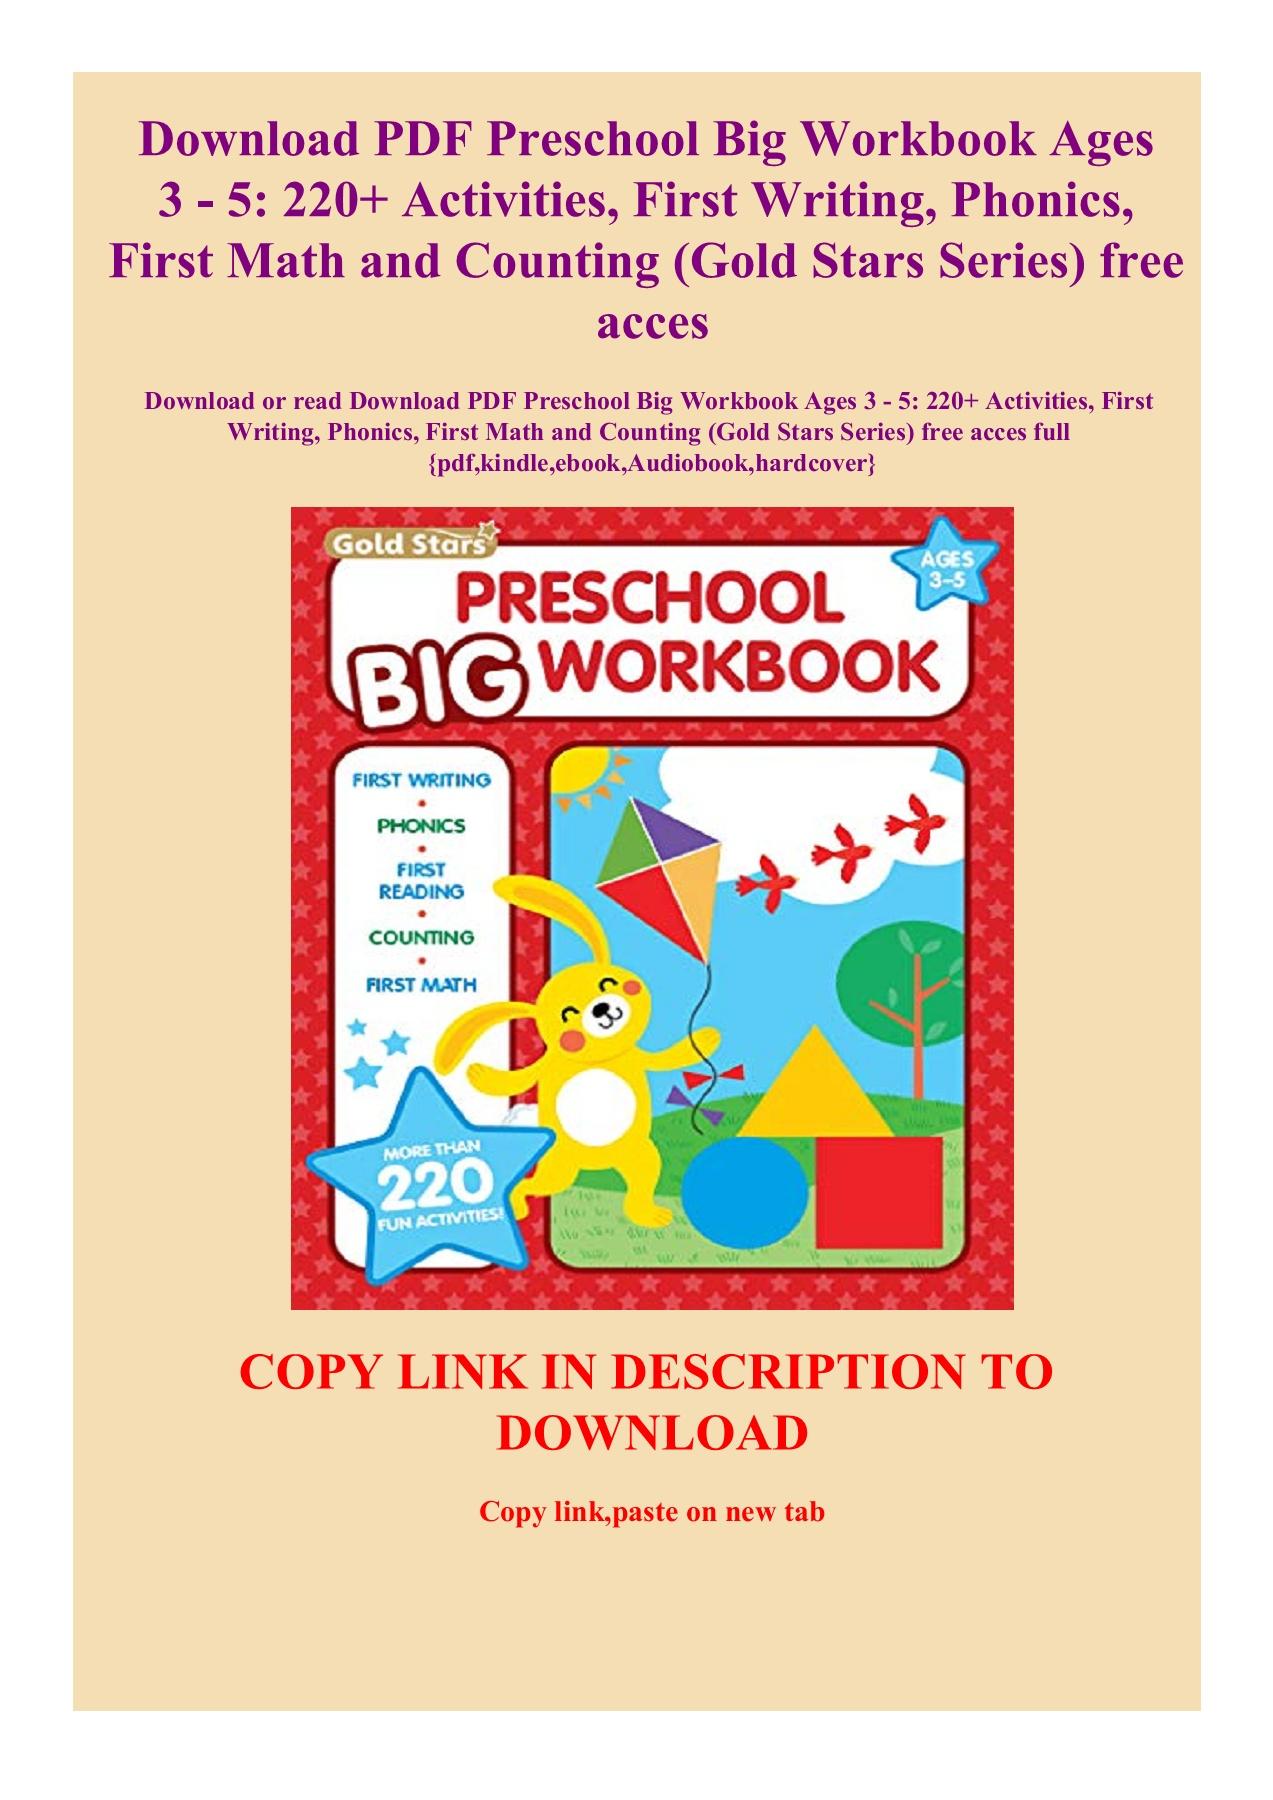 Big Preschool Workbook Pdf Free Download